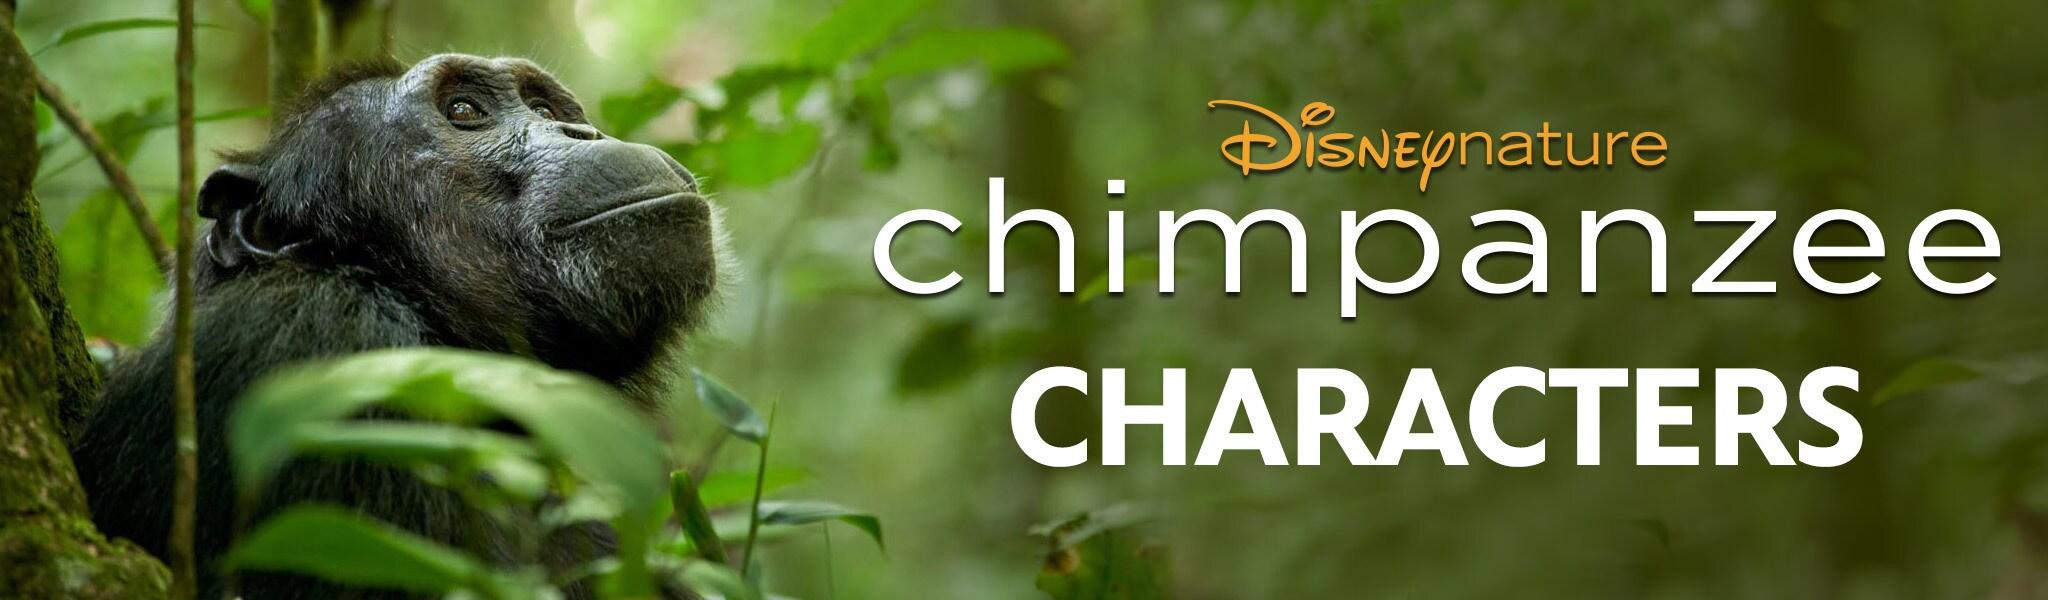 Chimpanzee Characters Mini Hero